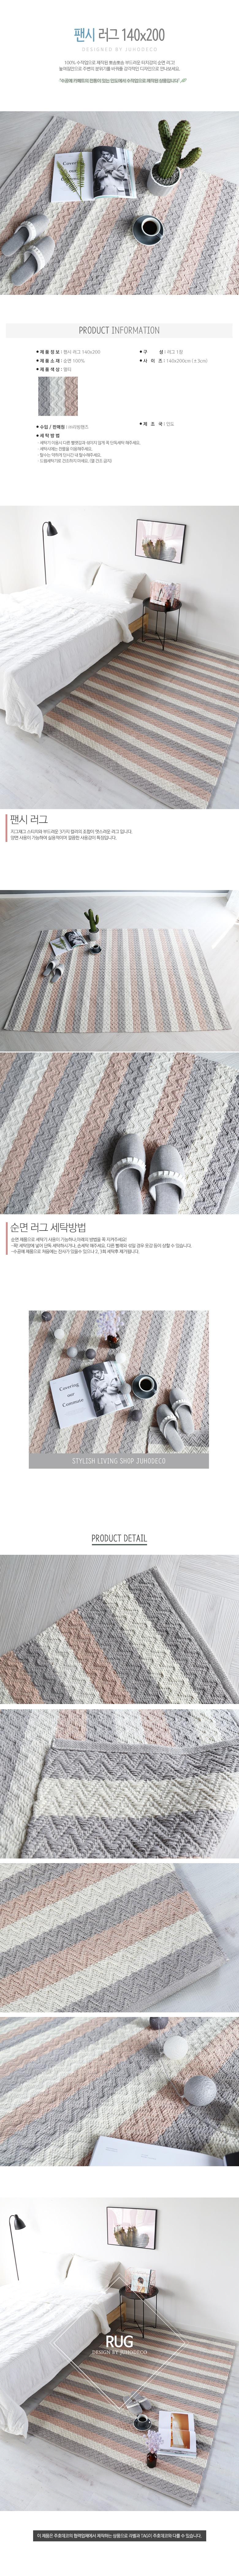 팬시A 러그(140x200cm) - 주호데코, 95,400원, 디자인러그, 디자인러그